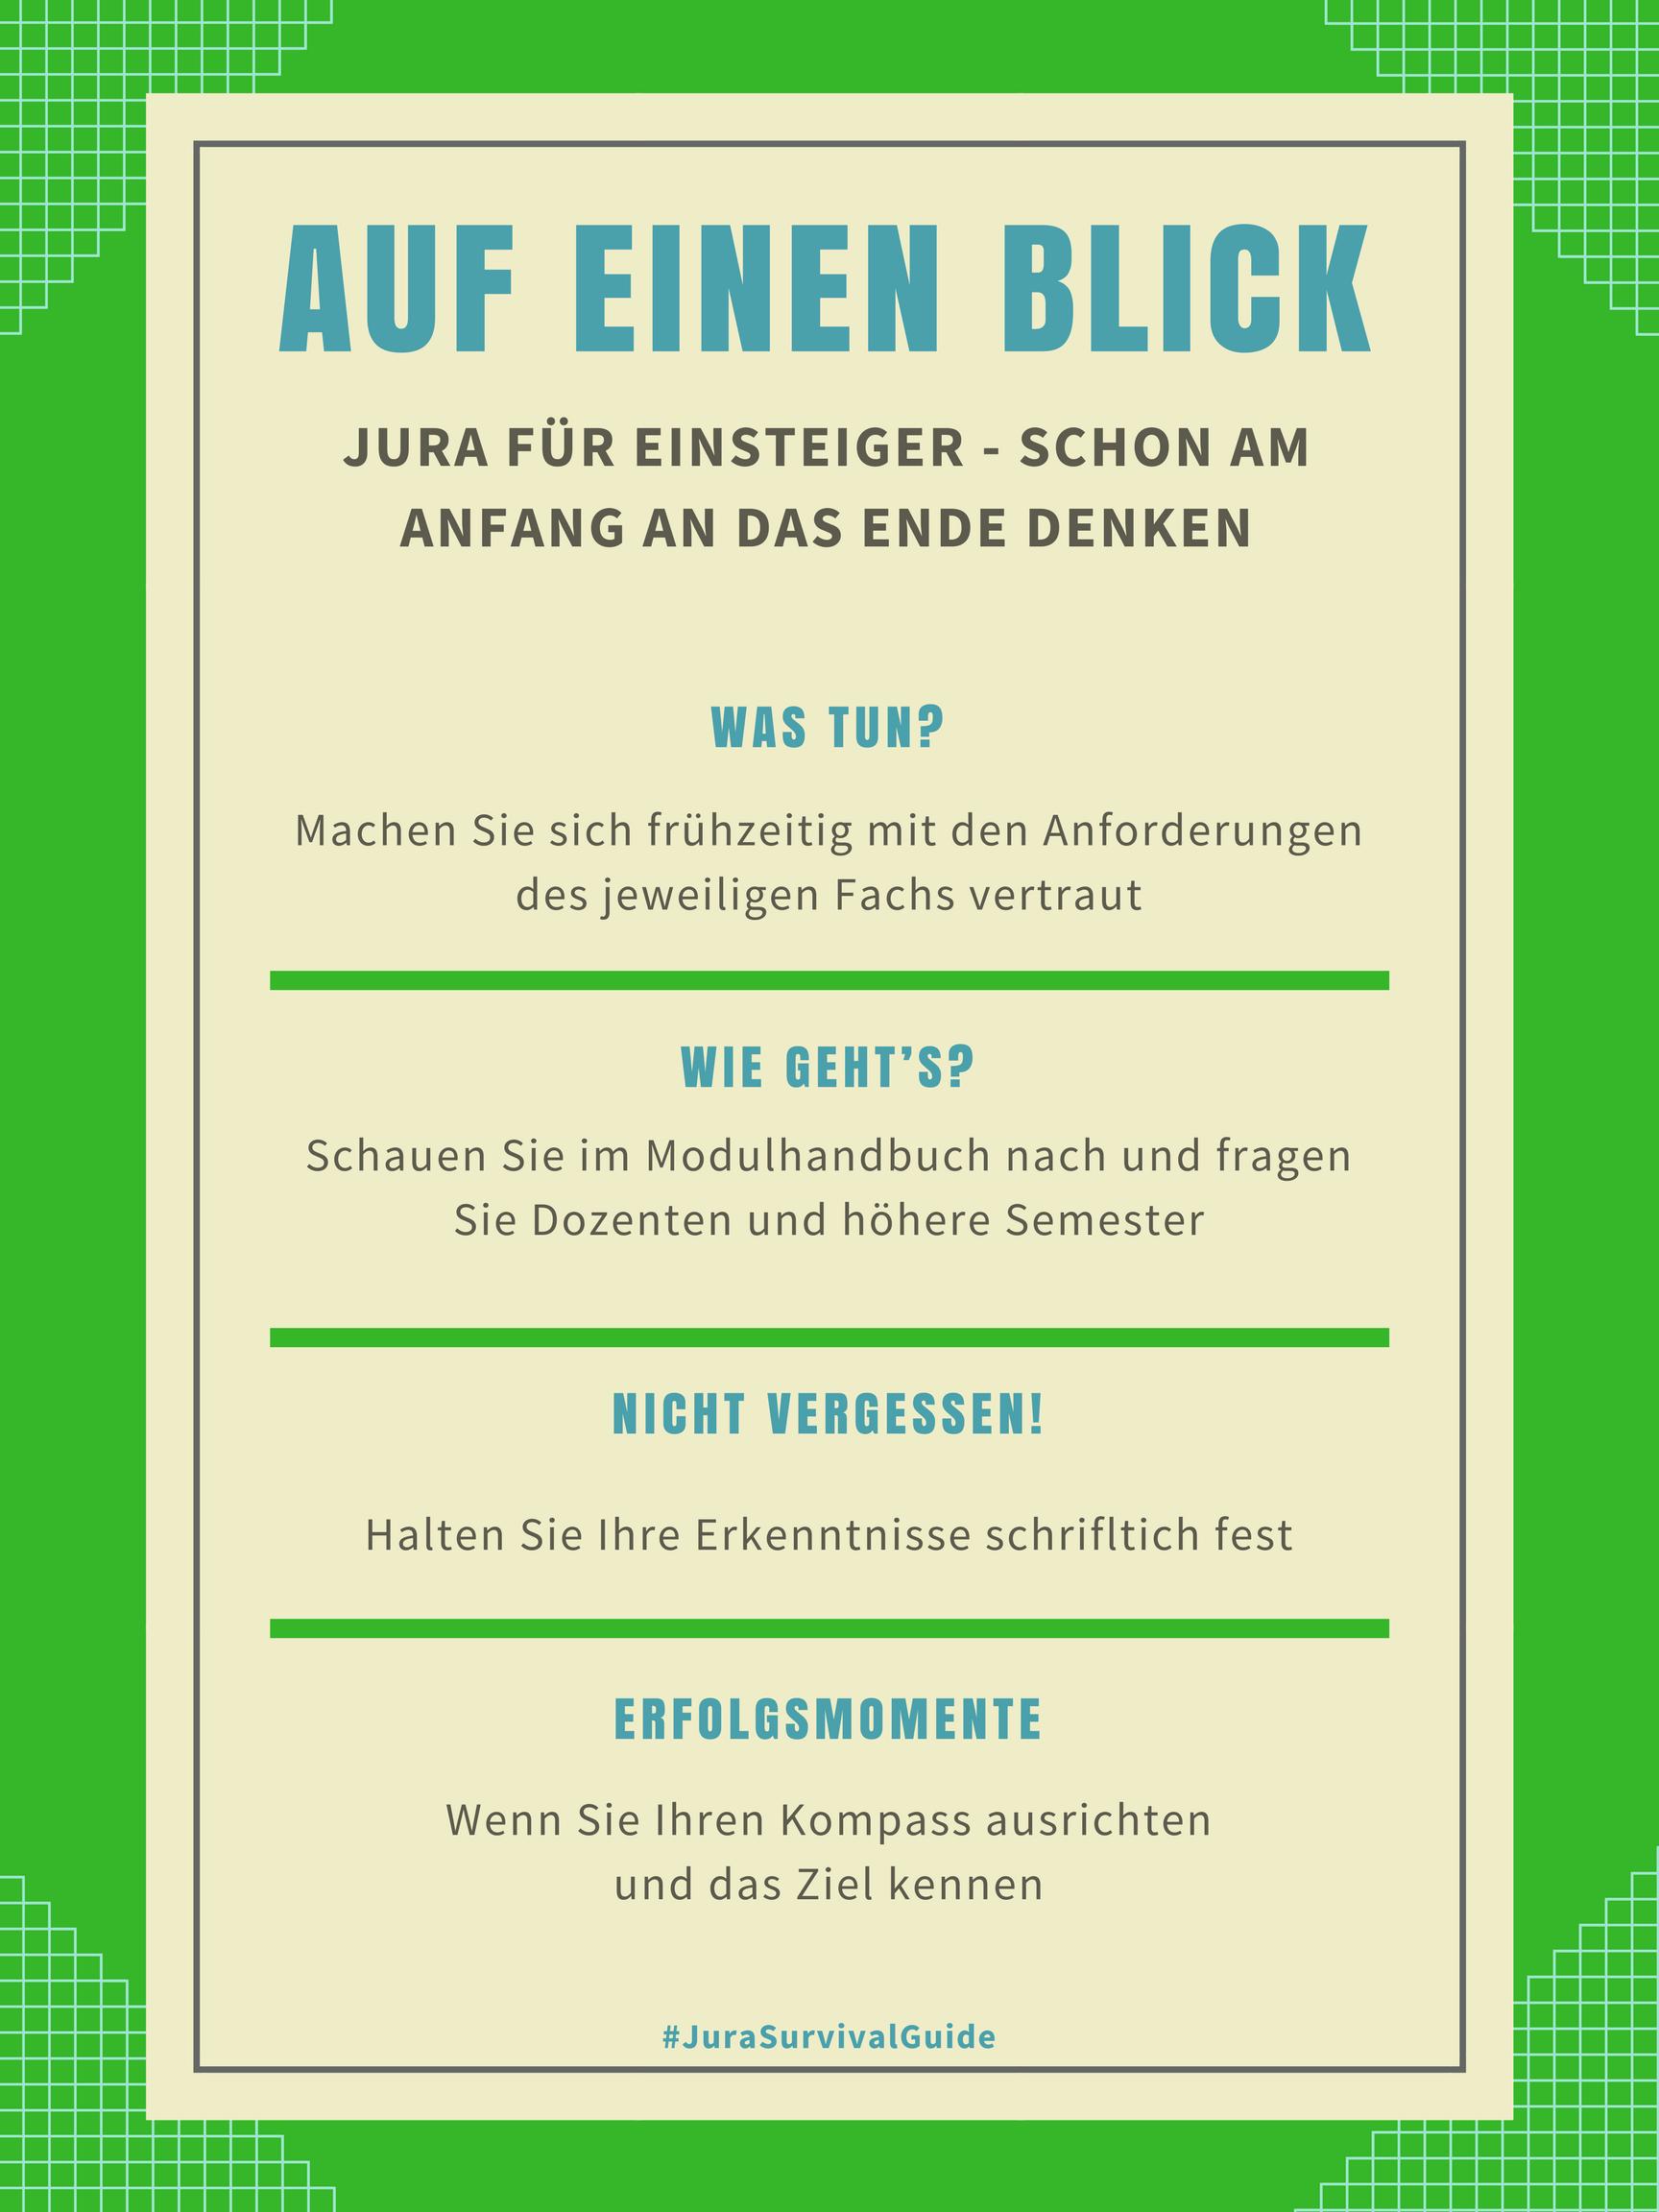 Gemütlich Jura Schule Wieder Ziel Zeitgenössisch - Entry Level ...